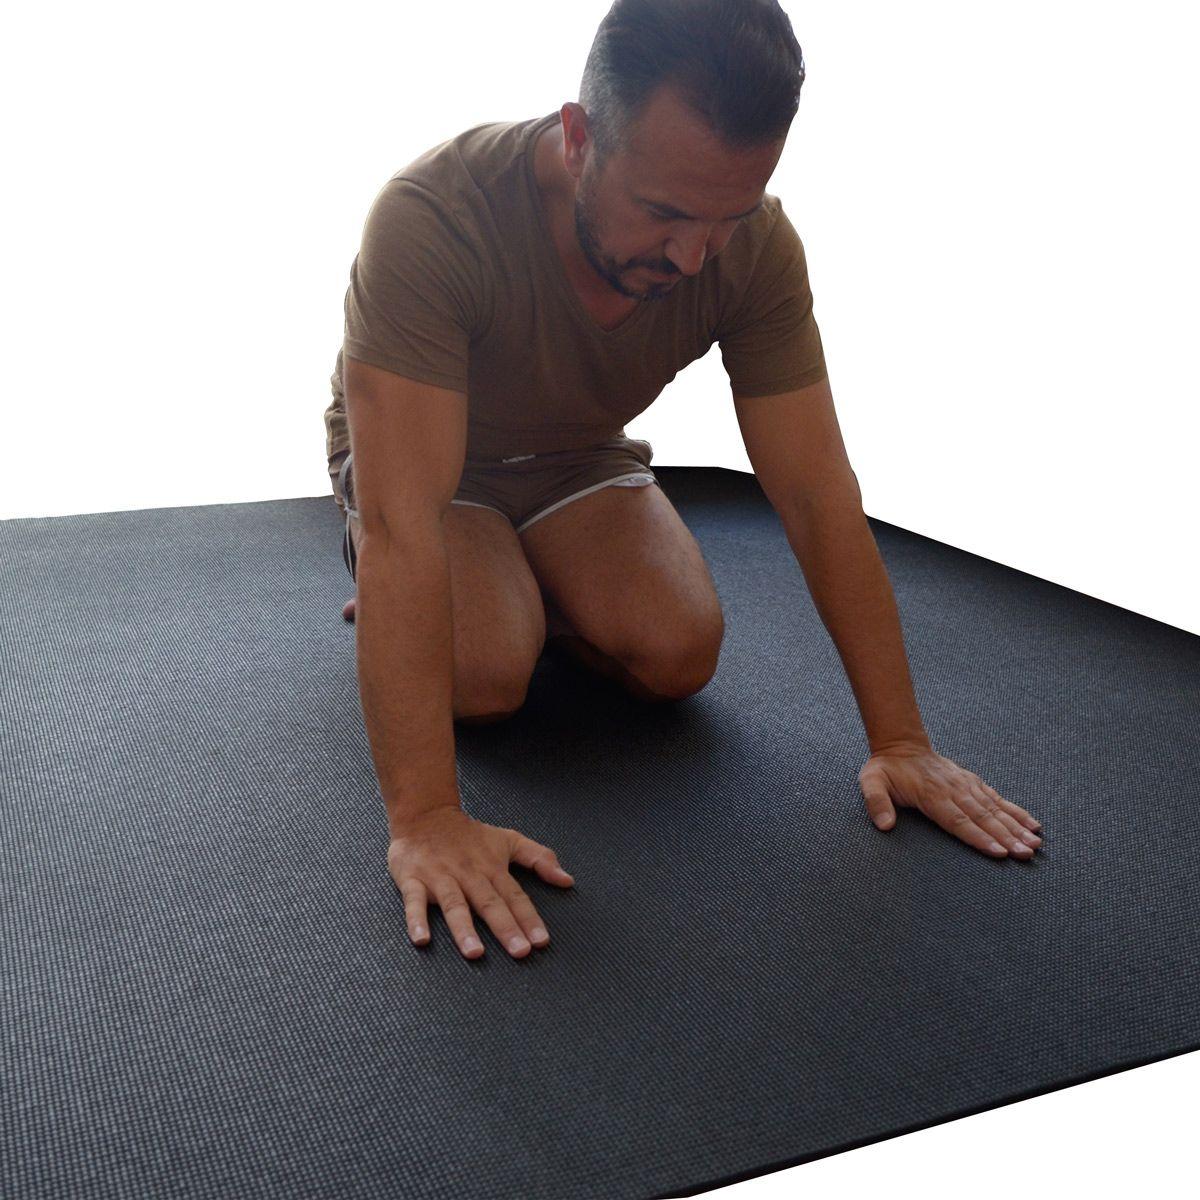 Esterilla widemat pro eco esterillas de yoga pilates y fitness tienda de yoga online de widemat - Inicio yoga en casa ...